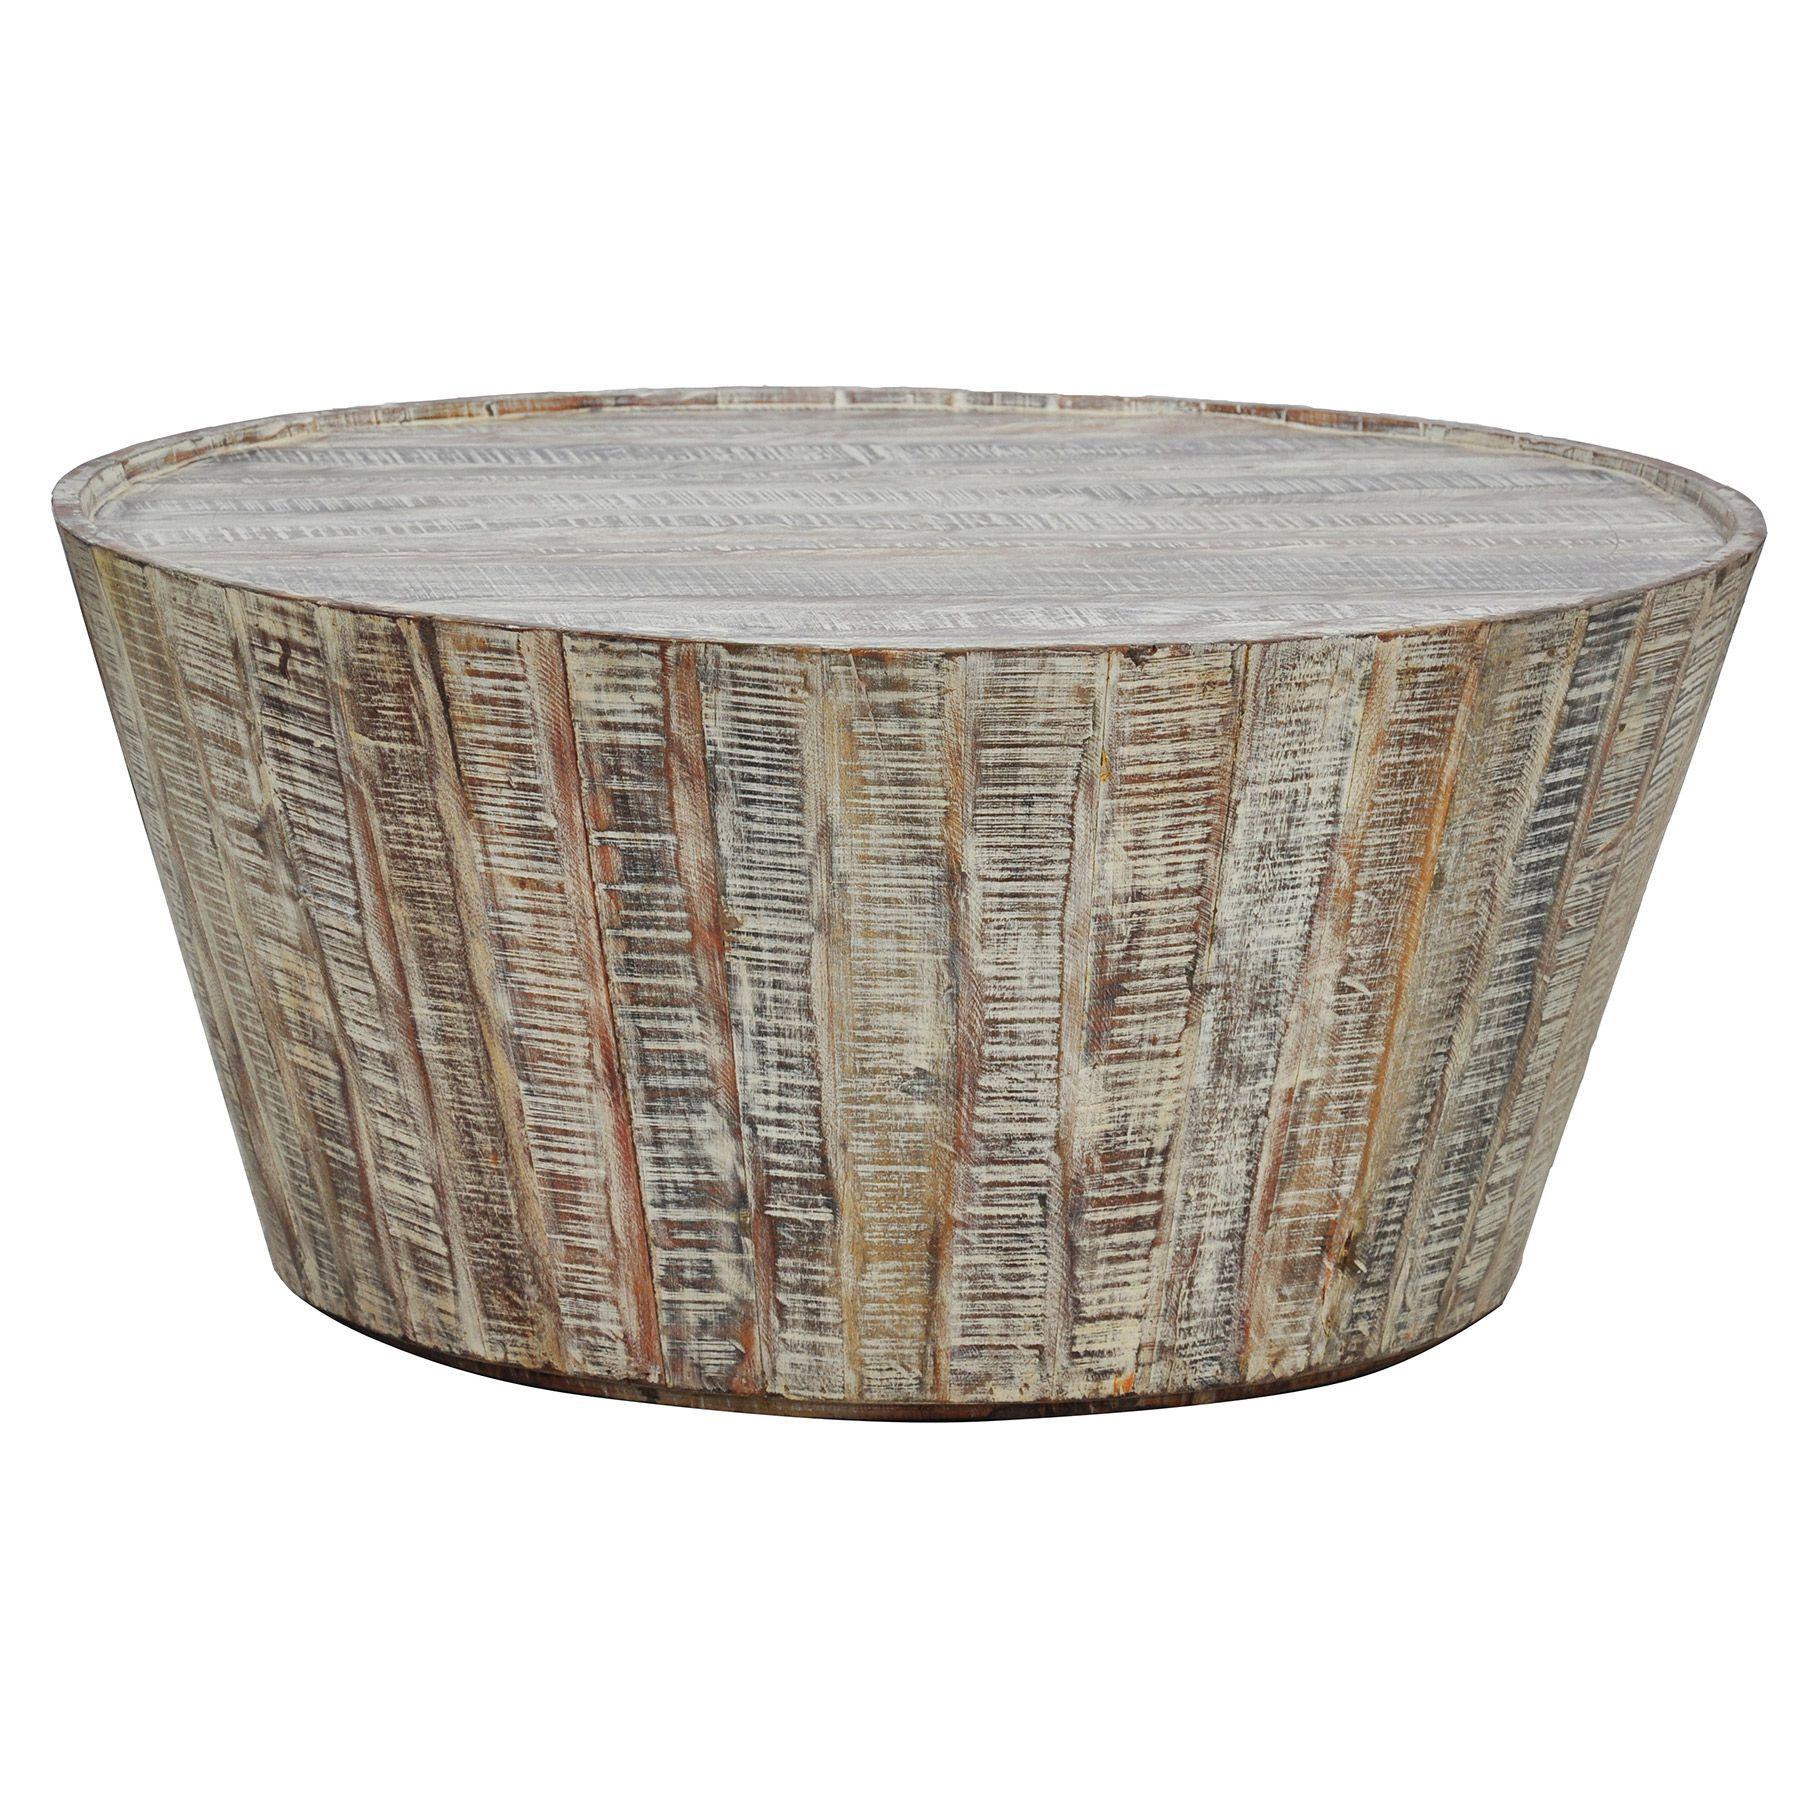 Lime Wash Coffee Table Kosas Home Hamshire Wooden Barrel Coffee Table By Kosas Home